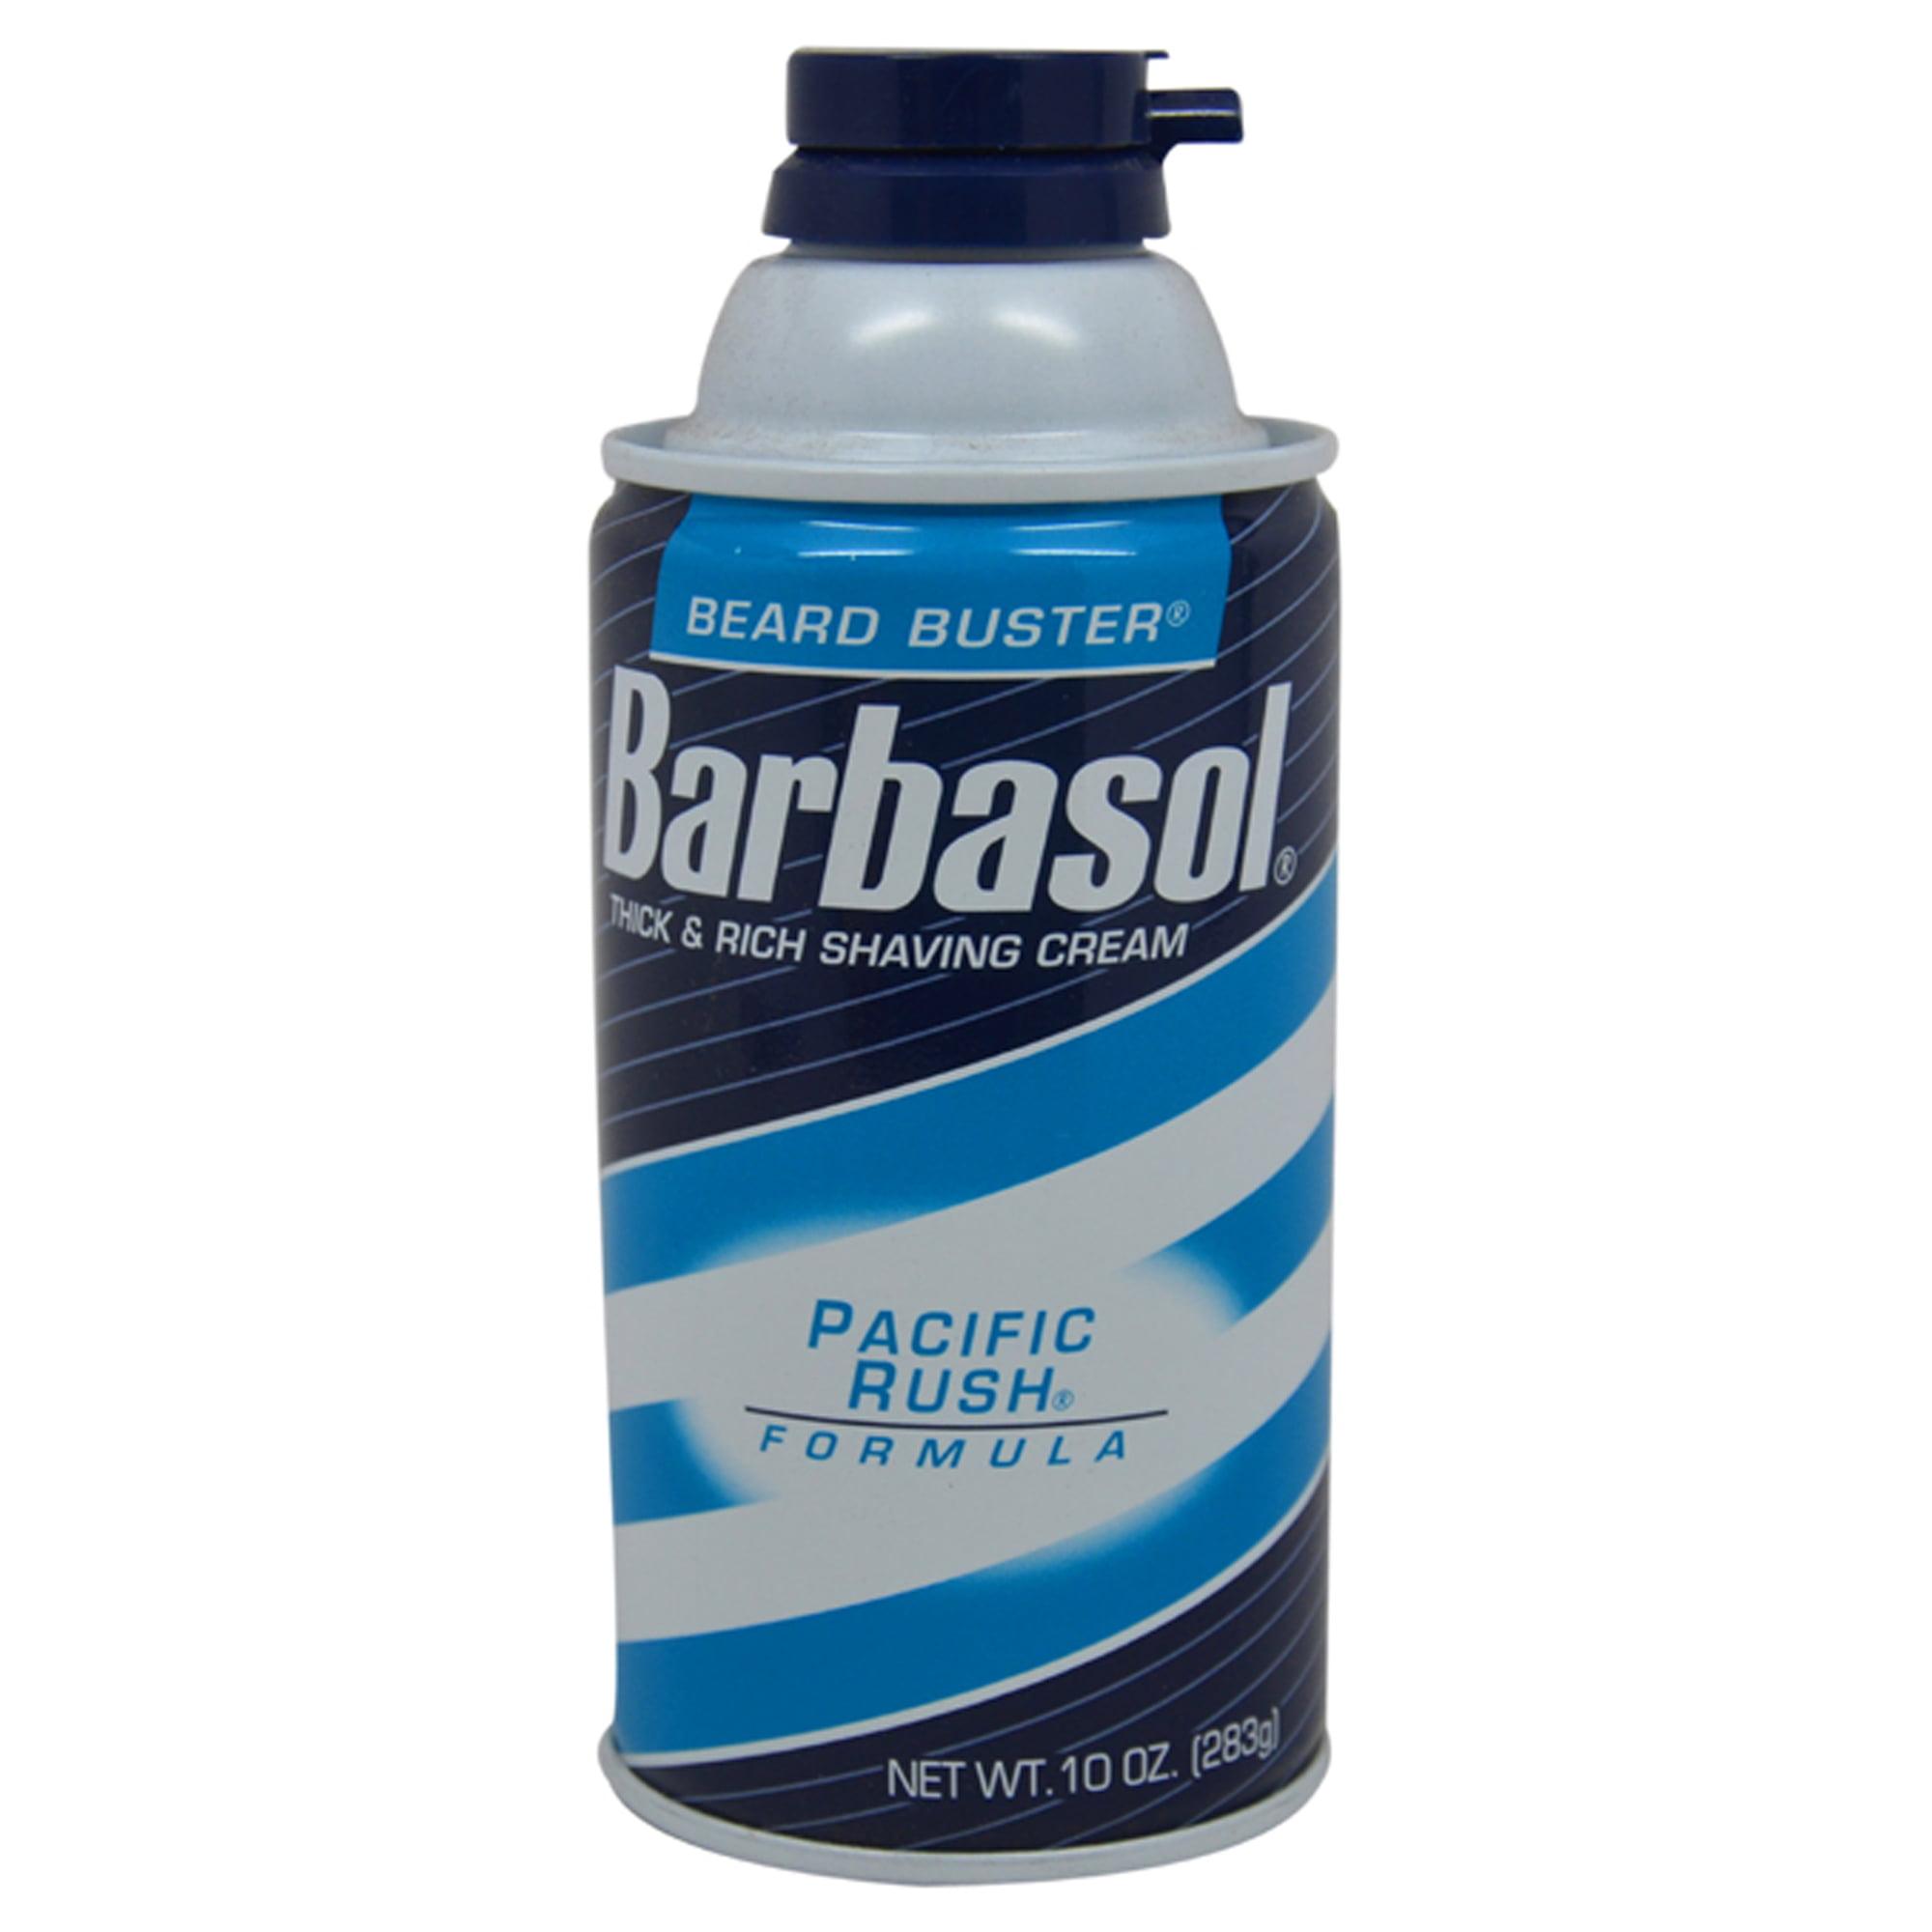 Walmart.com - Barbasol - Pacific Rush Thick & Rich Shaving Cream by Barbasol for Men - 10 oz Shaving Cream - Walmart.com